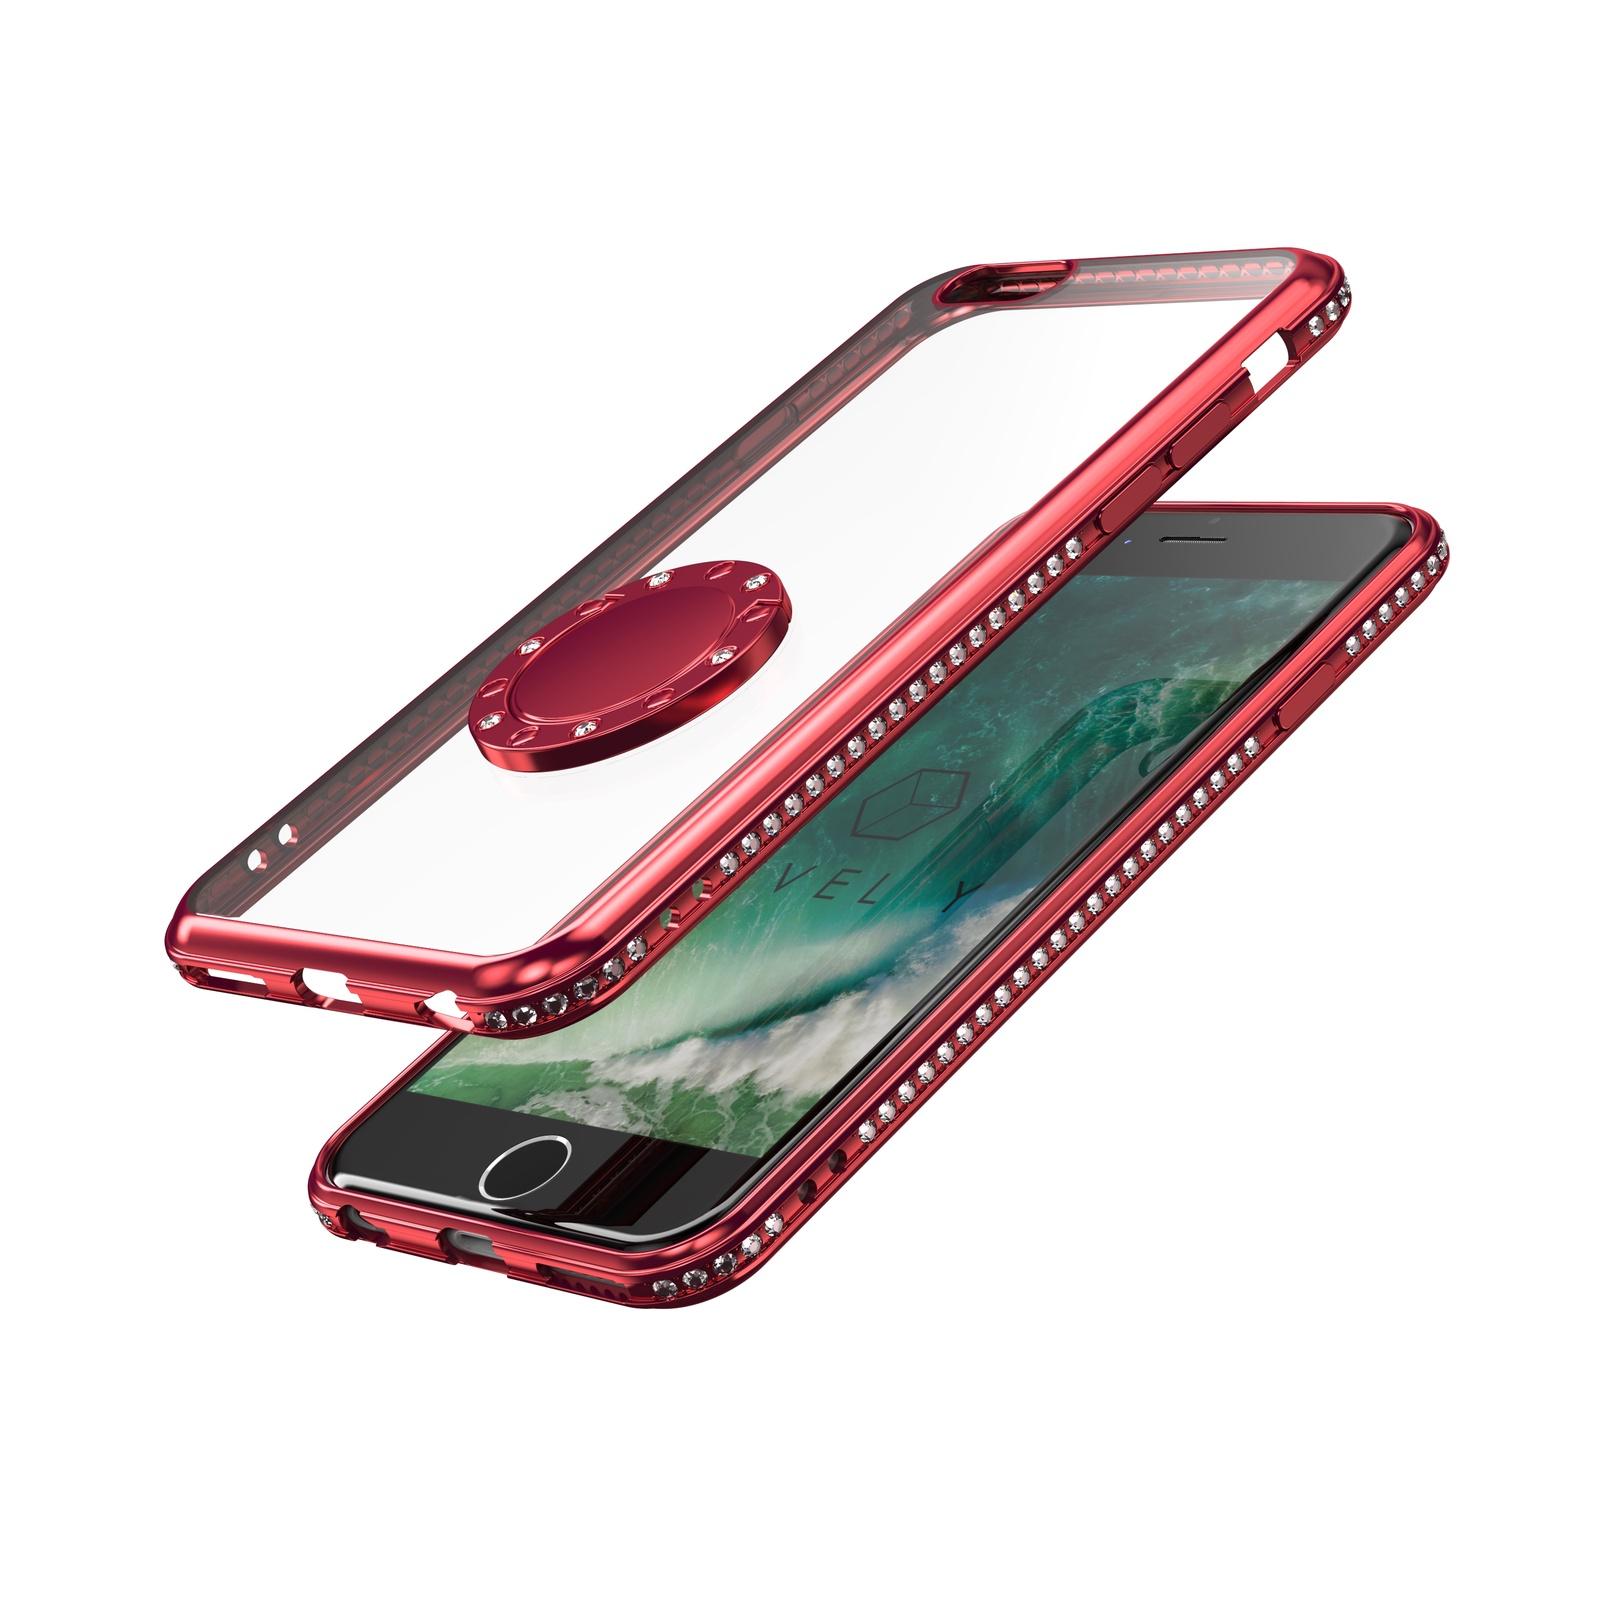 Чехол Level Y chrome border brilliant с кольцом держателем для Apple Iphone 6/6S, 4660041402834, красный pyramid fmk y 6s